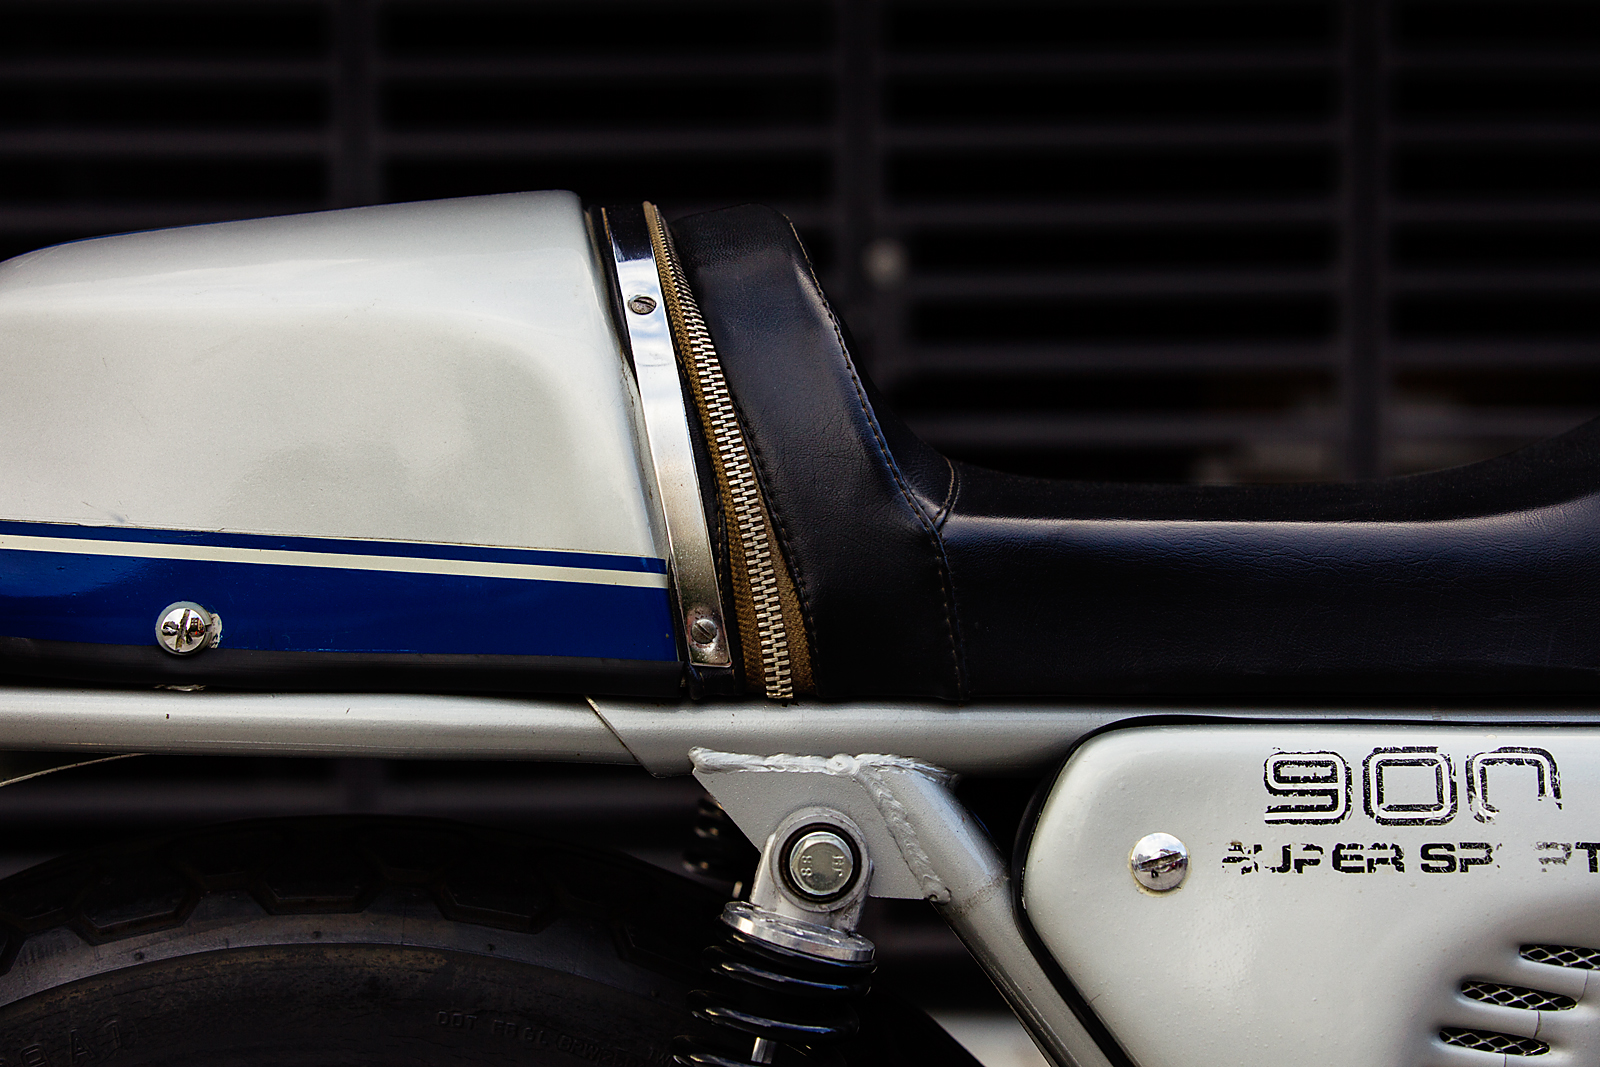 1977 Ducati 900SSb tail